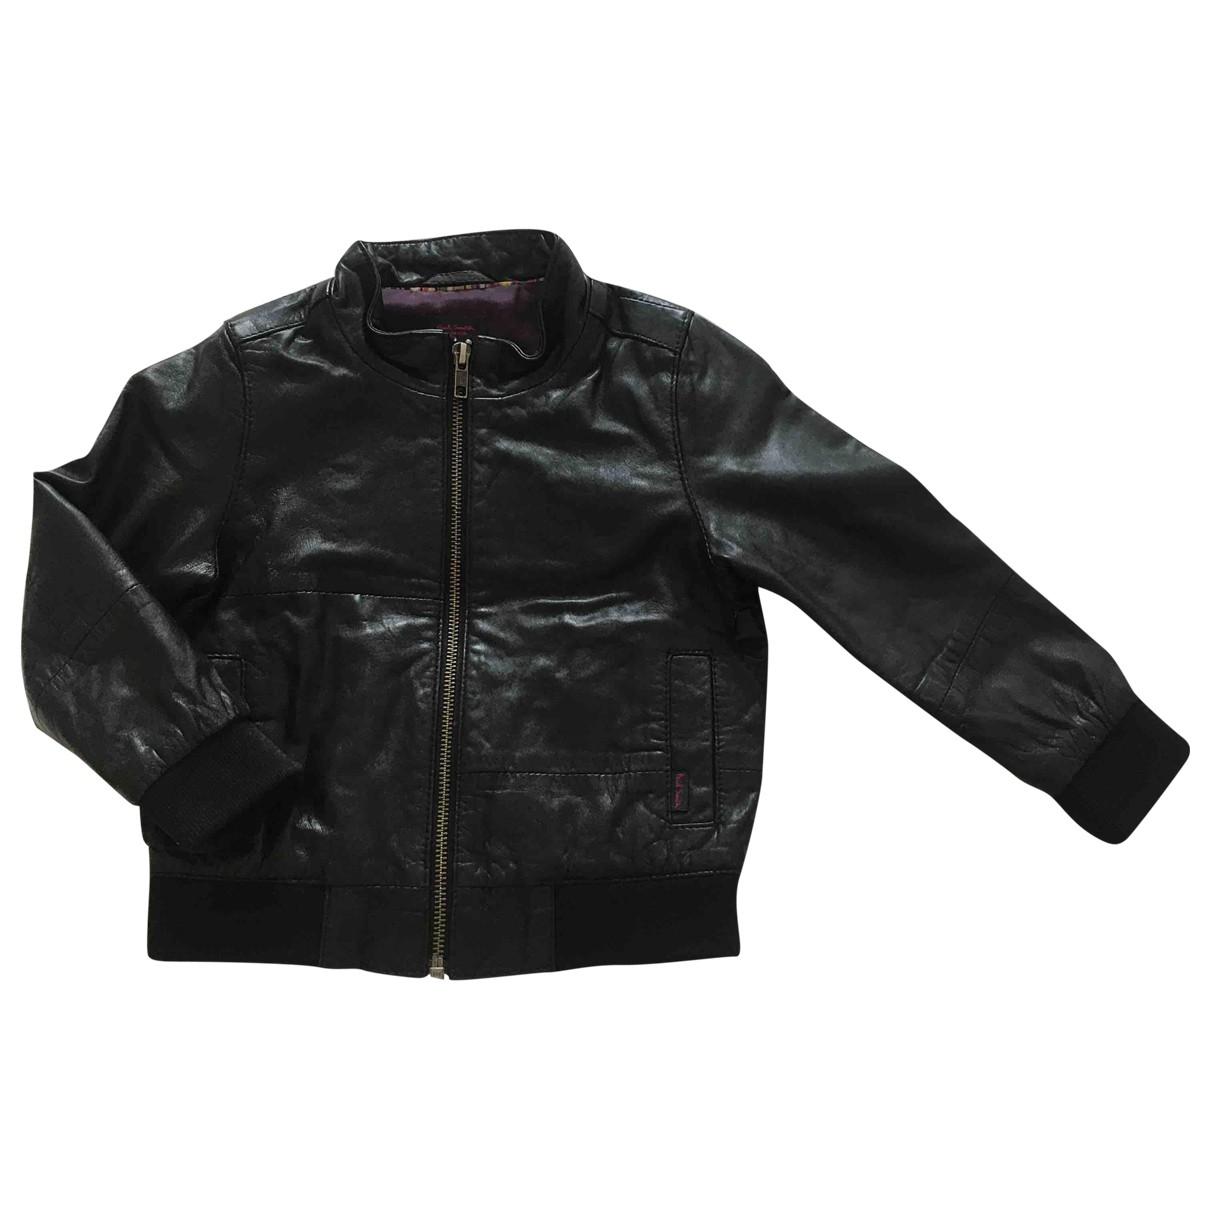 Paul Smith - Blousons.Manteaux   pour enfant en cuir - noir